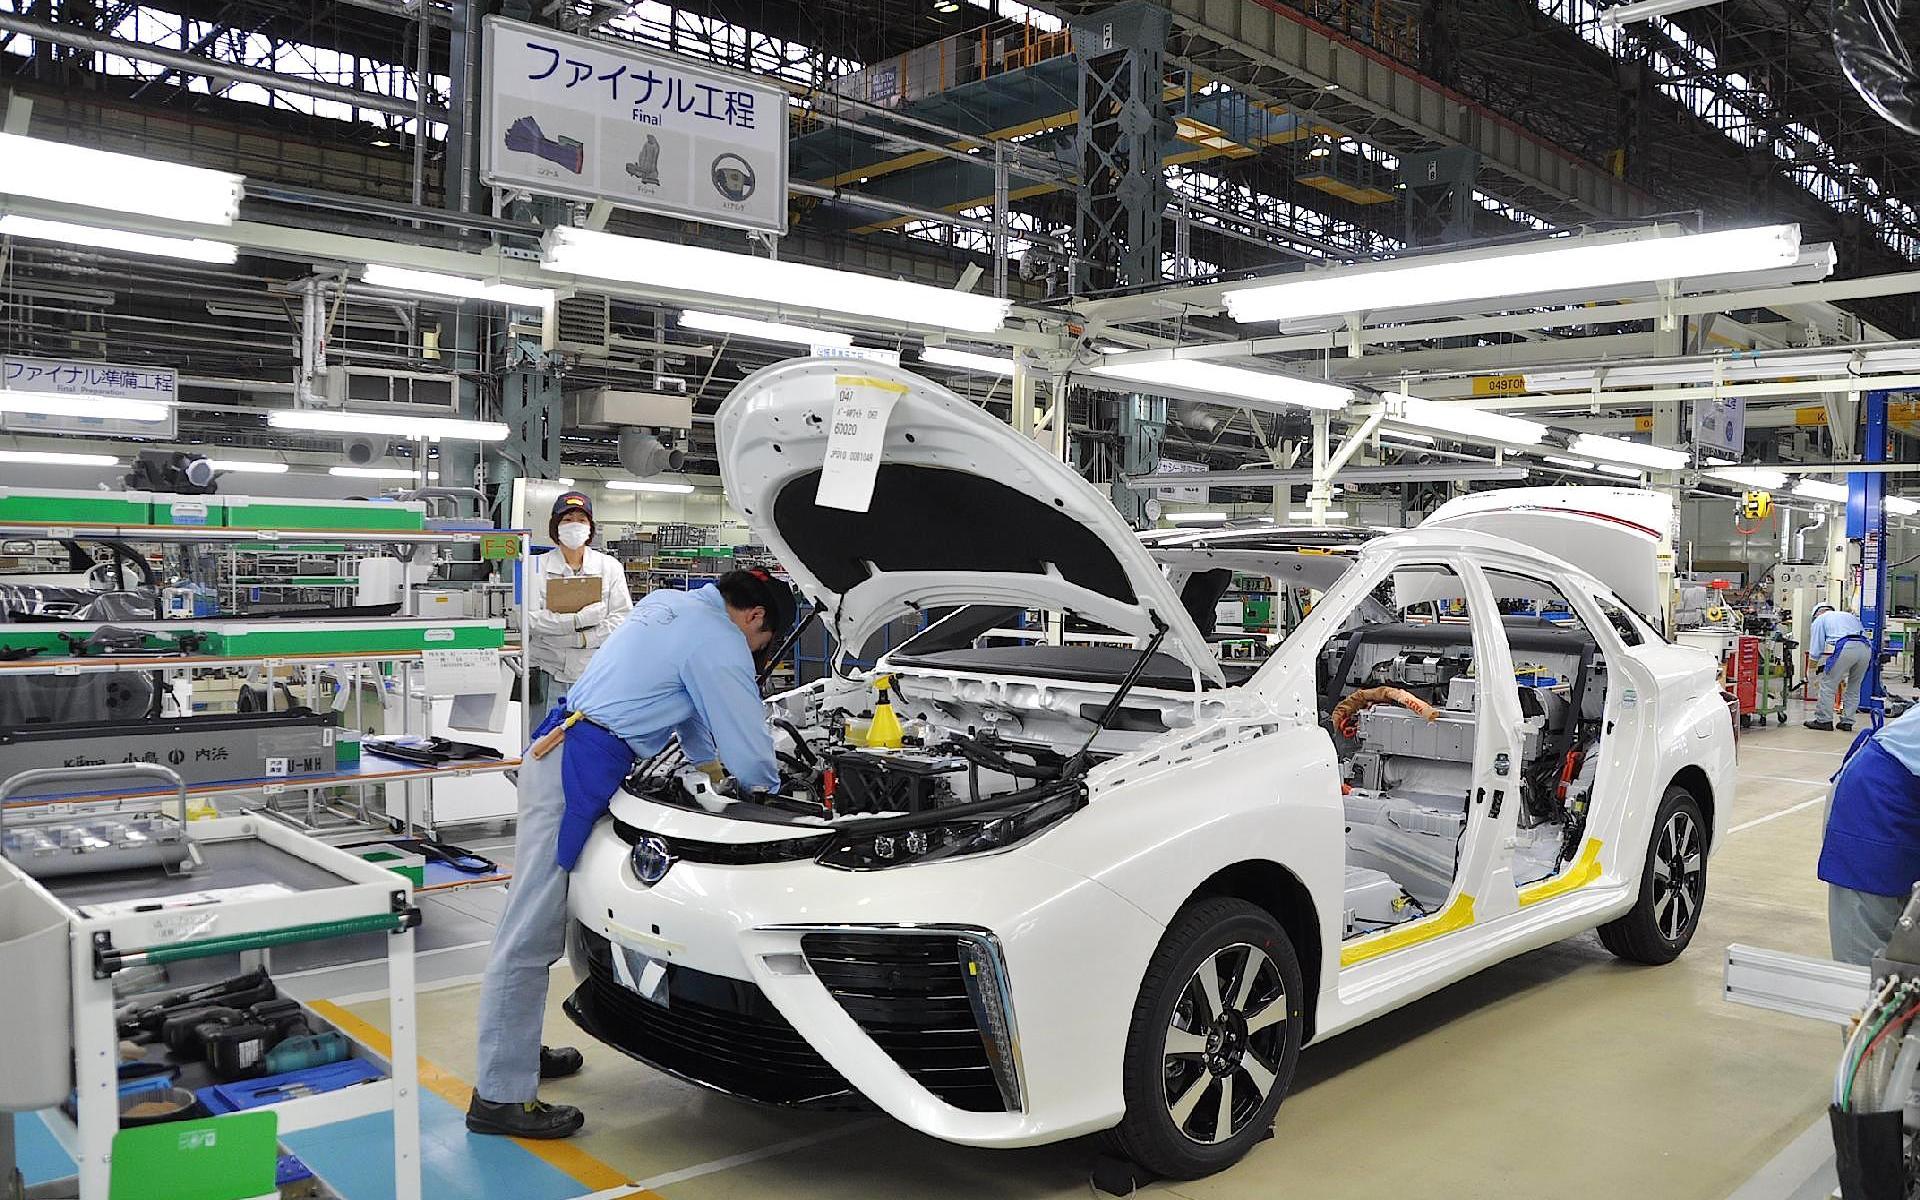 تراجع في إنتاج السيارات اليابانية